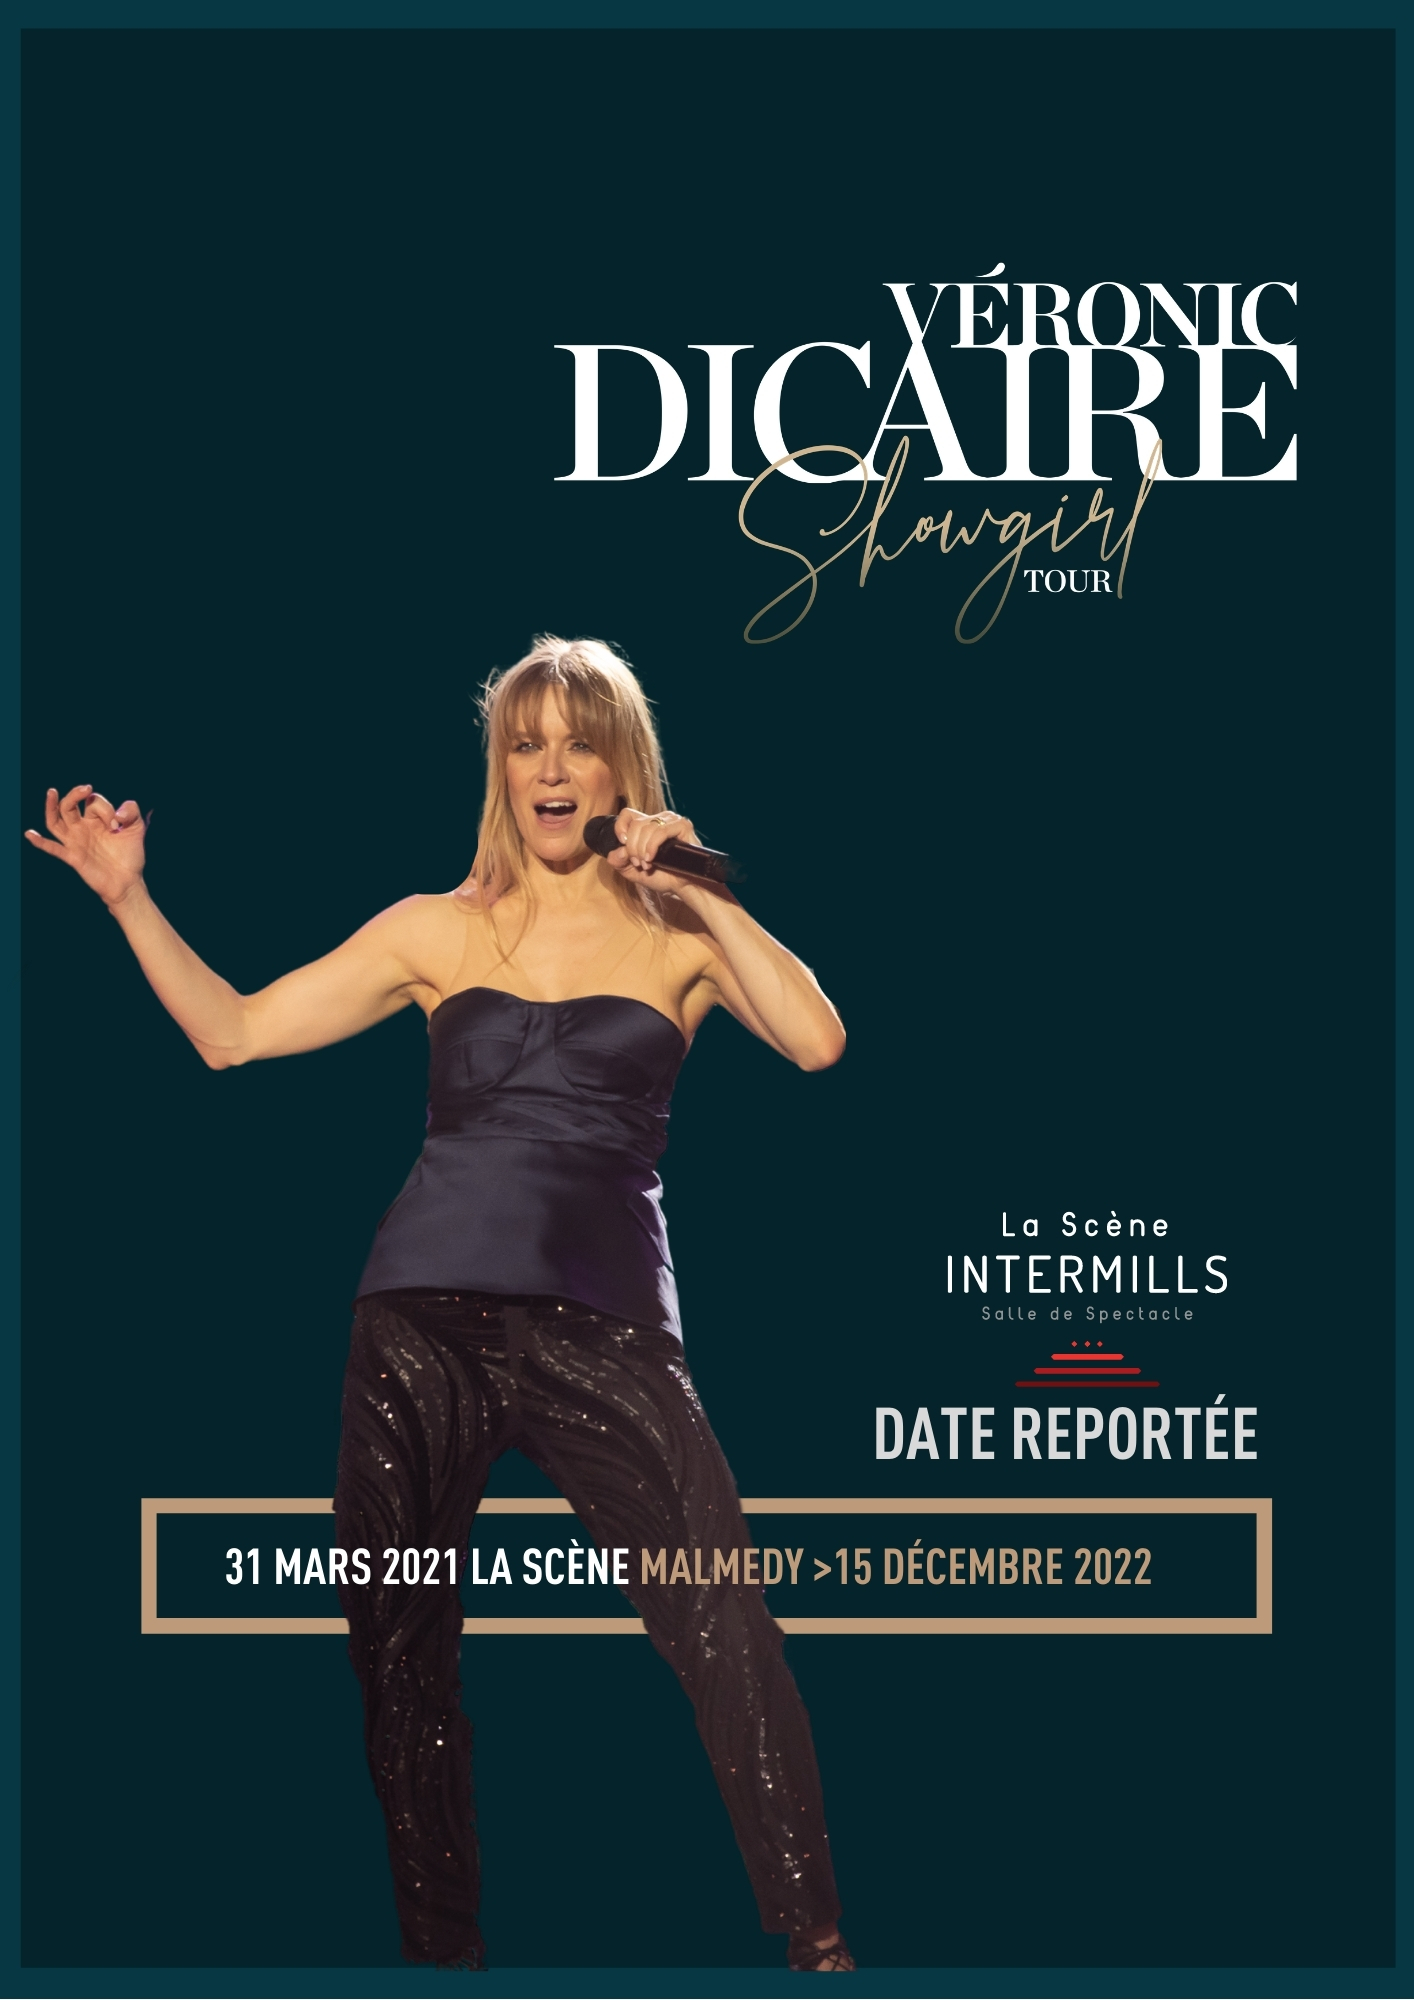 Véronic Dicaire . Showgirl Tour . Nouveau spectacle